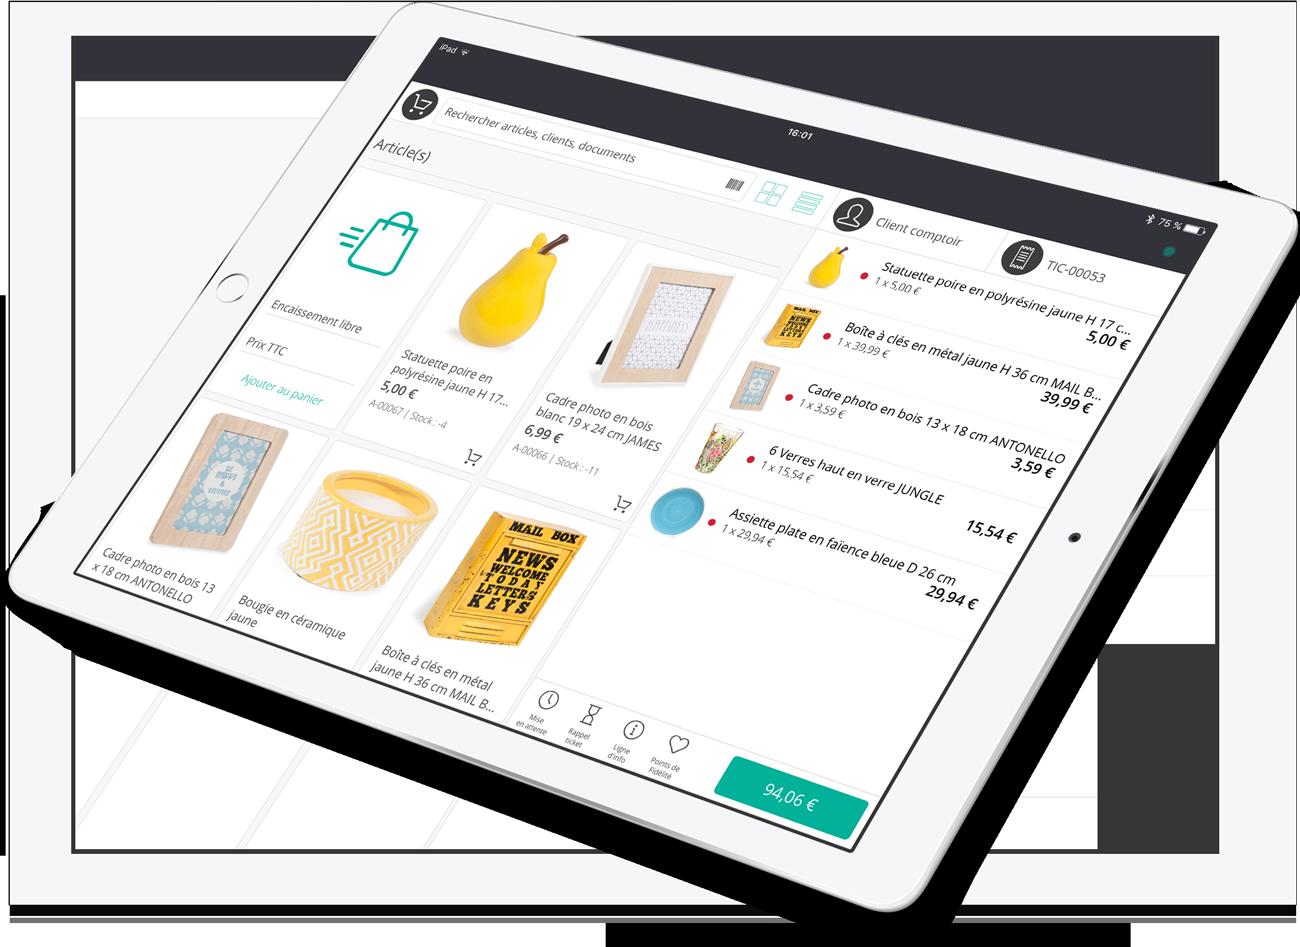 L'application de caisse qui permet de vendre les produits sur tablette.